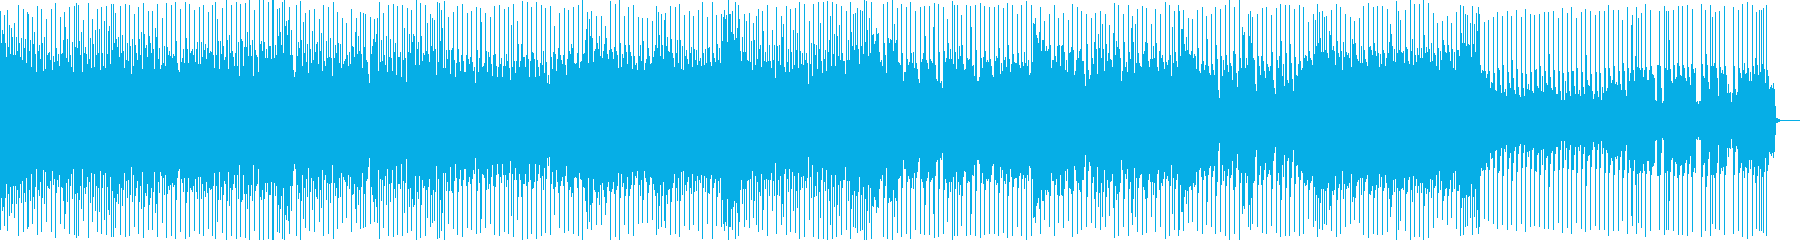 ウキウキするような雰囲気のテクノポップの再生済みの波形